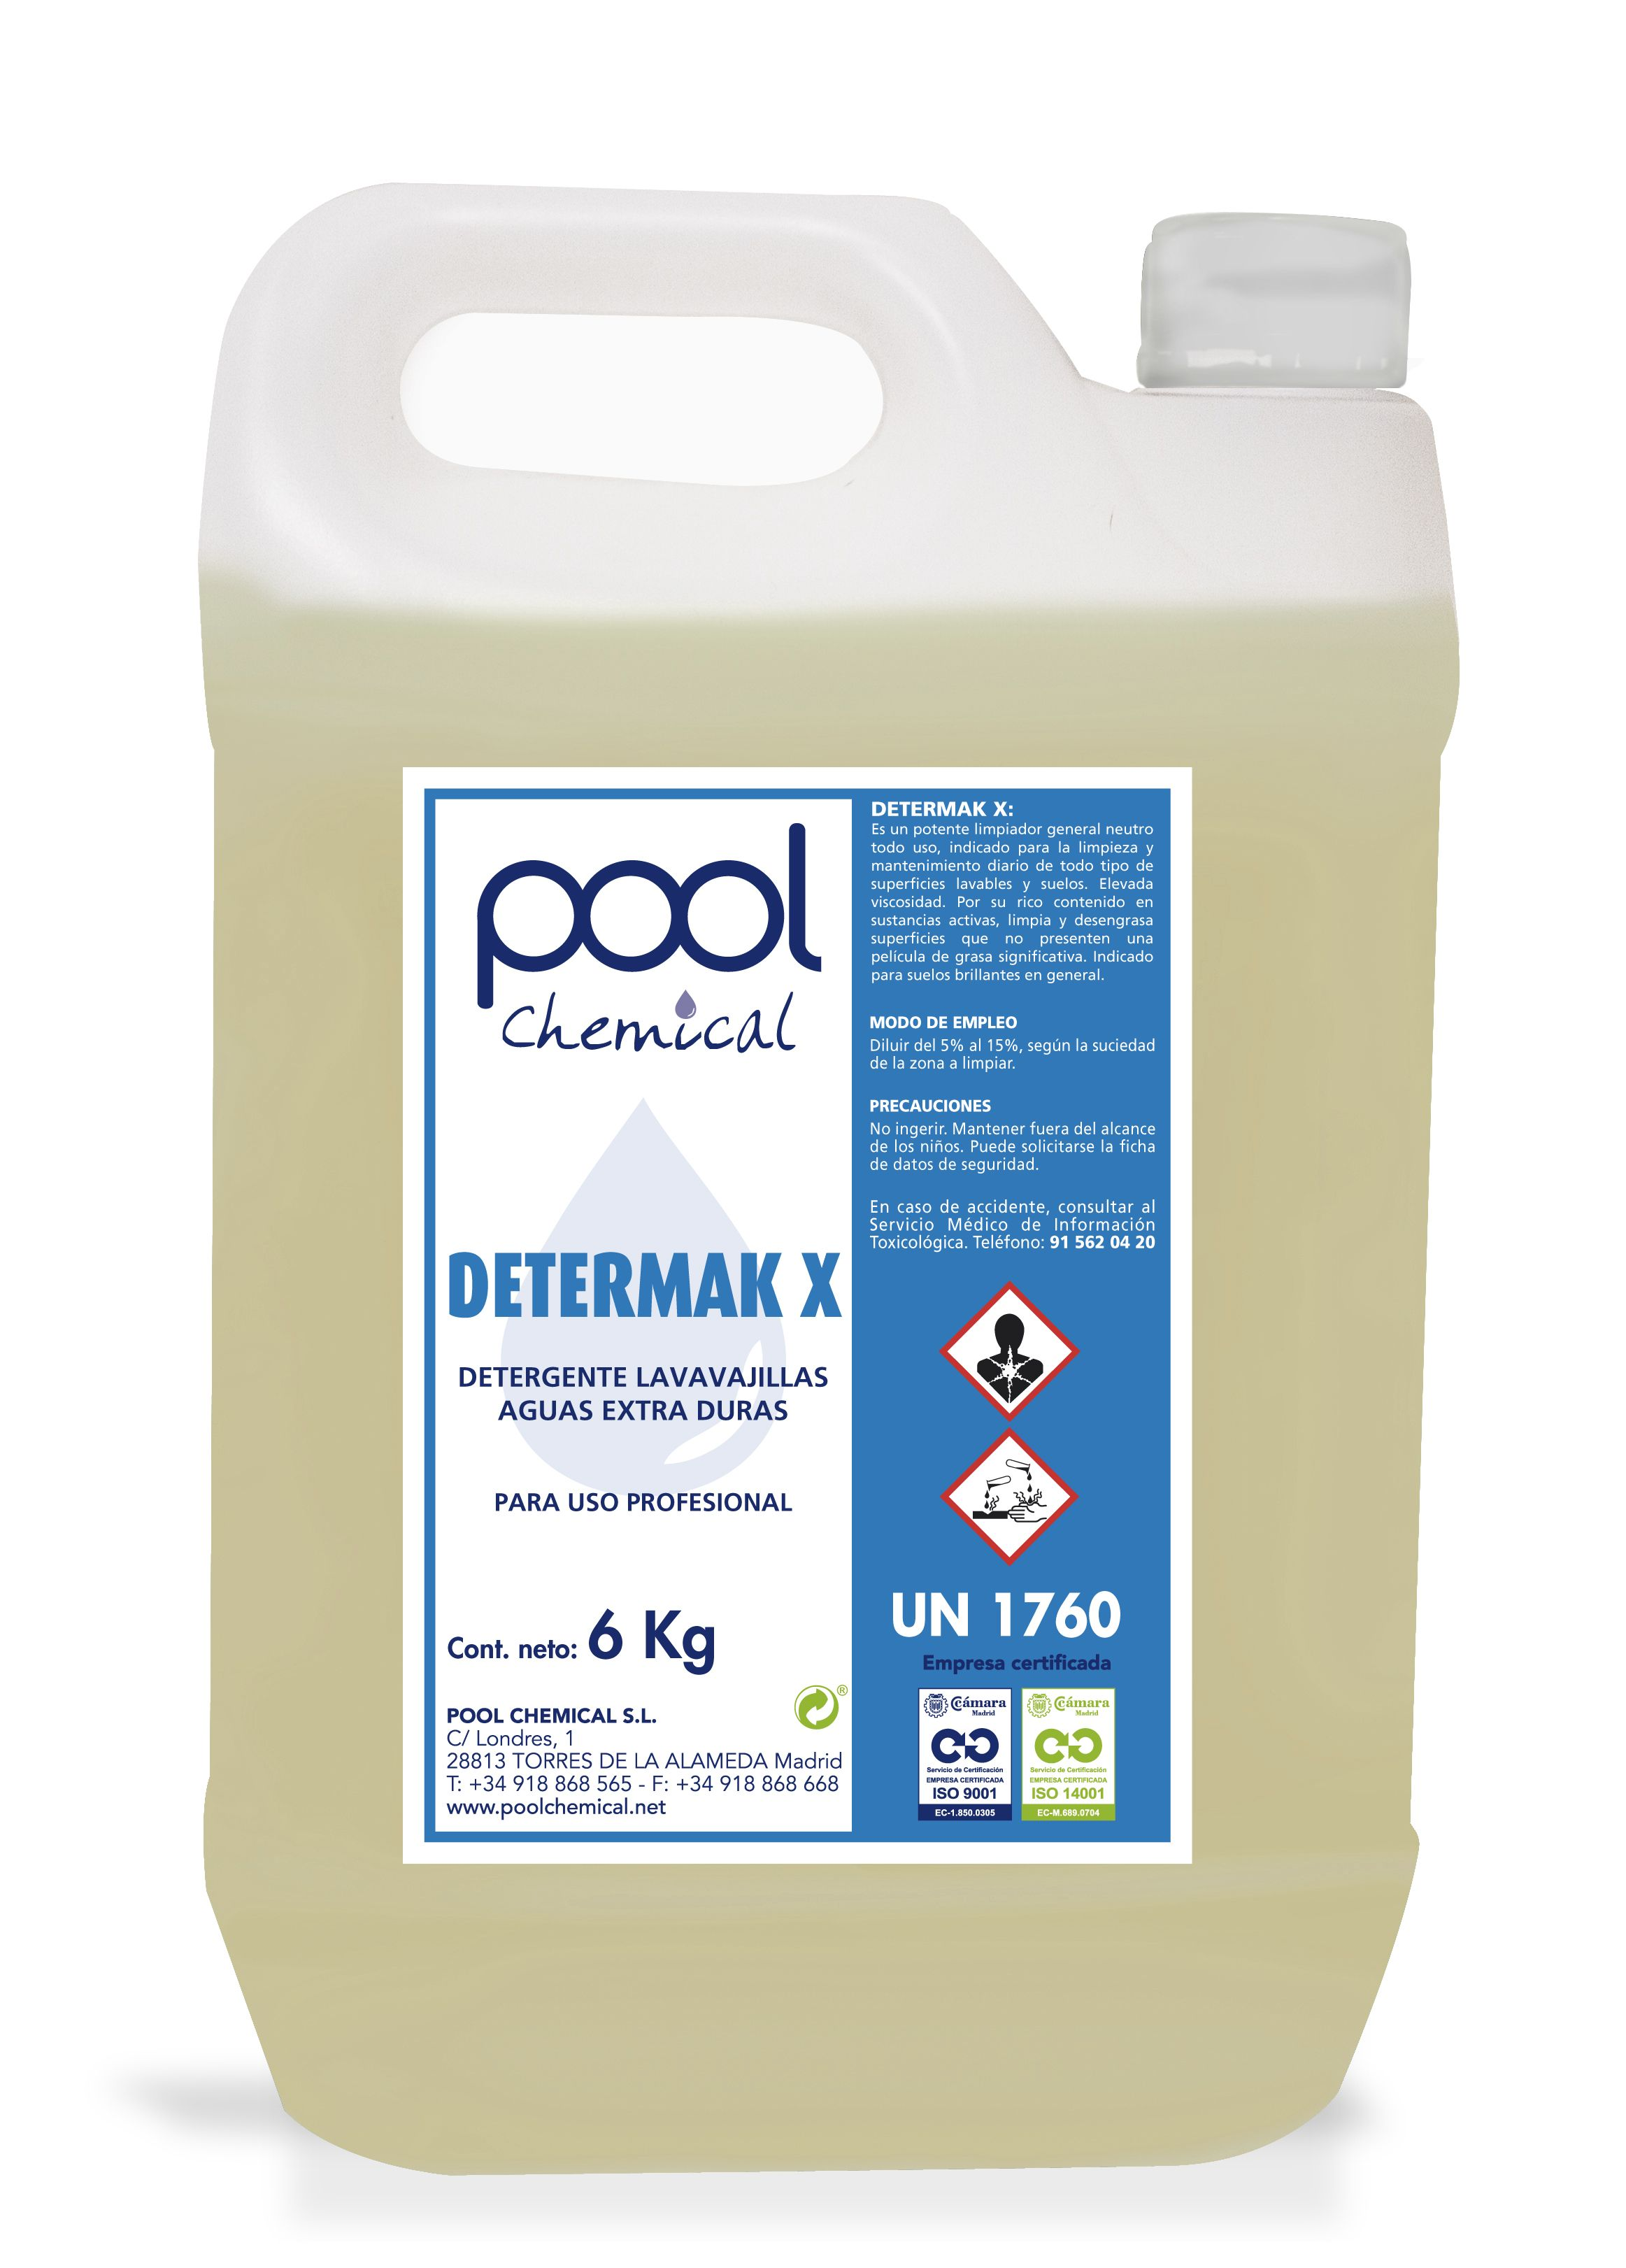 Determak X Es Un Detergente Liquido Para Ser Usado En Maquinas